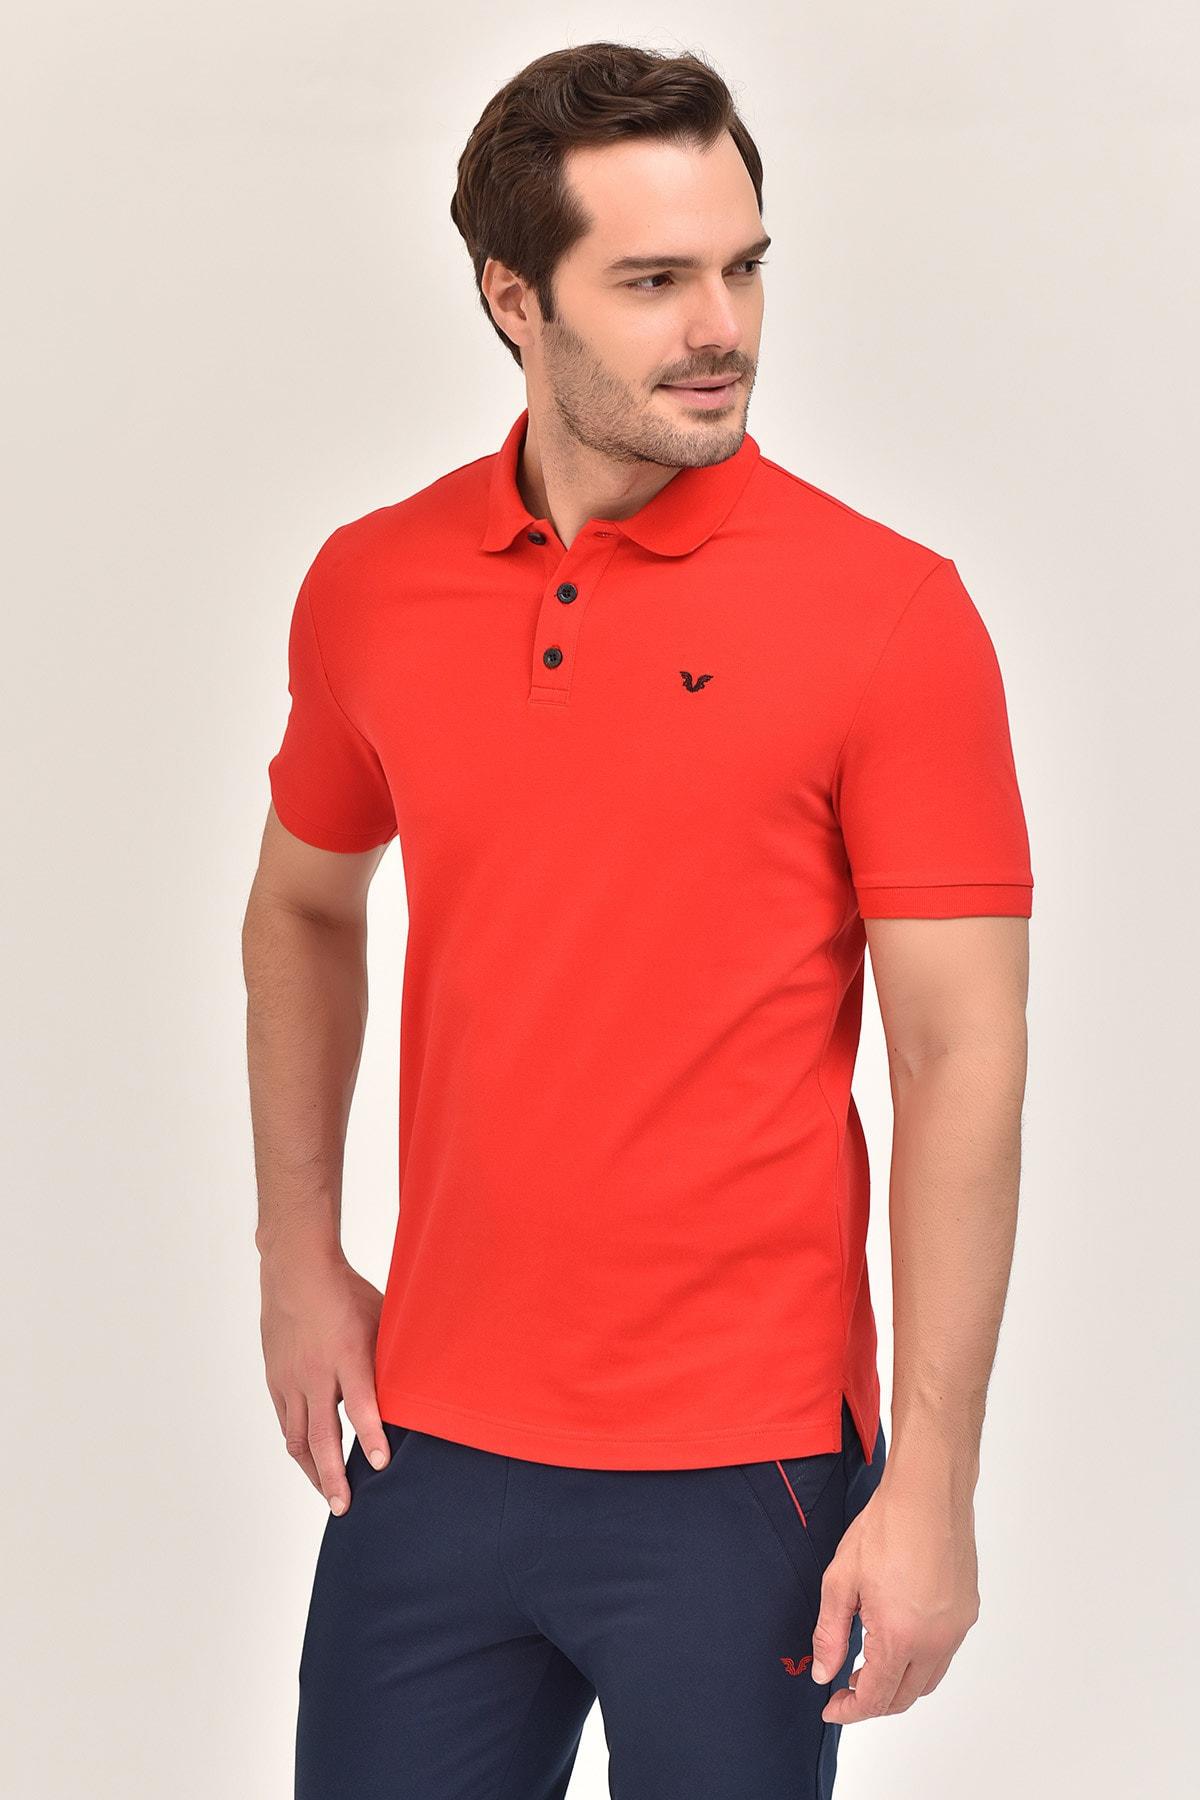 bilcee Kırmızı Erkek Polo Yaka T-Shirt GS-8982 2